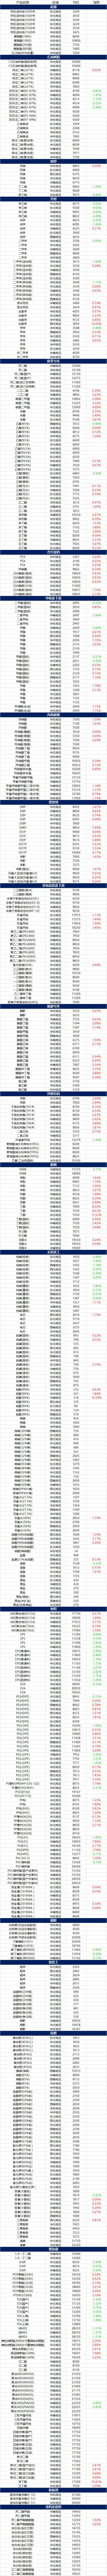 11月19日摩贝基础化学品价格行情